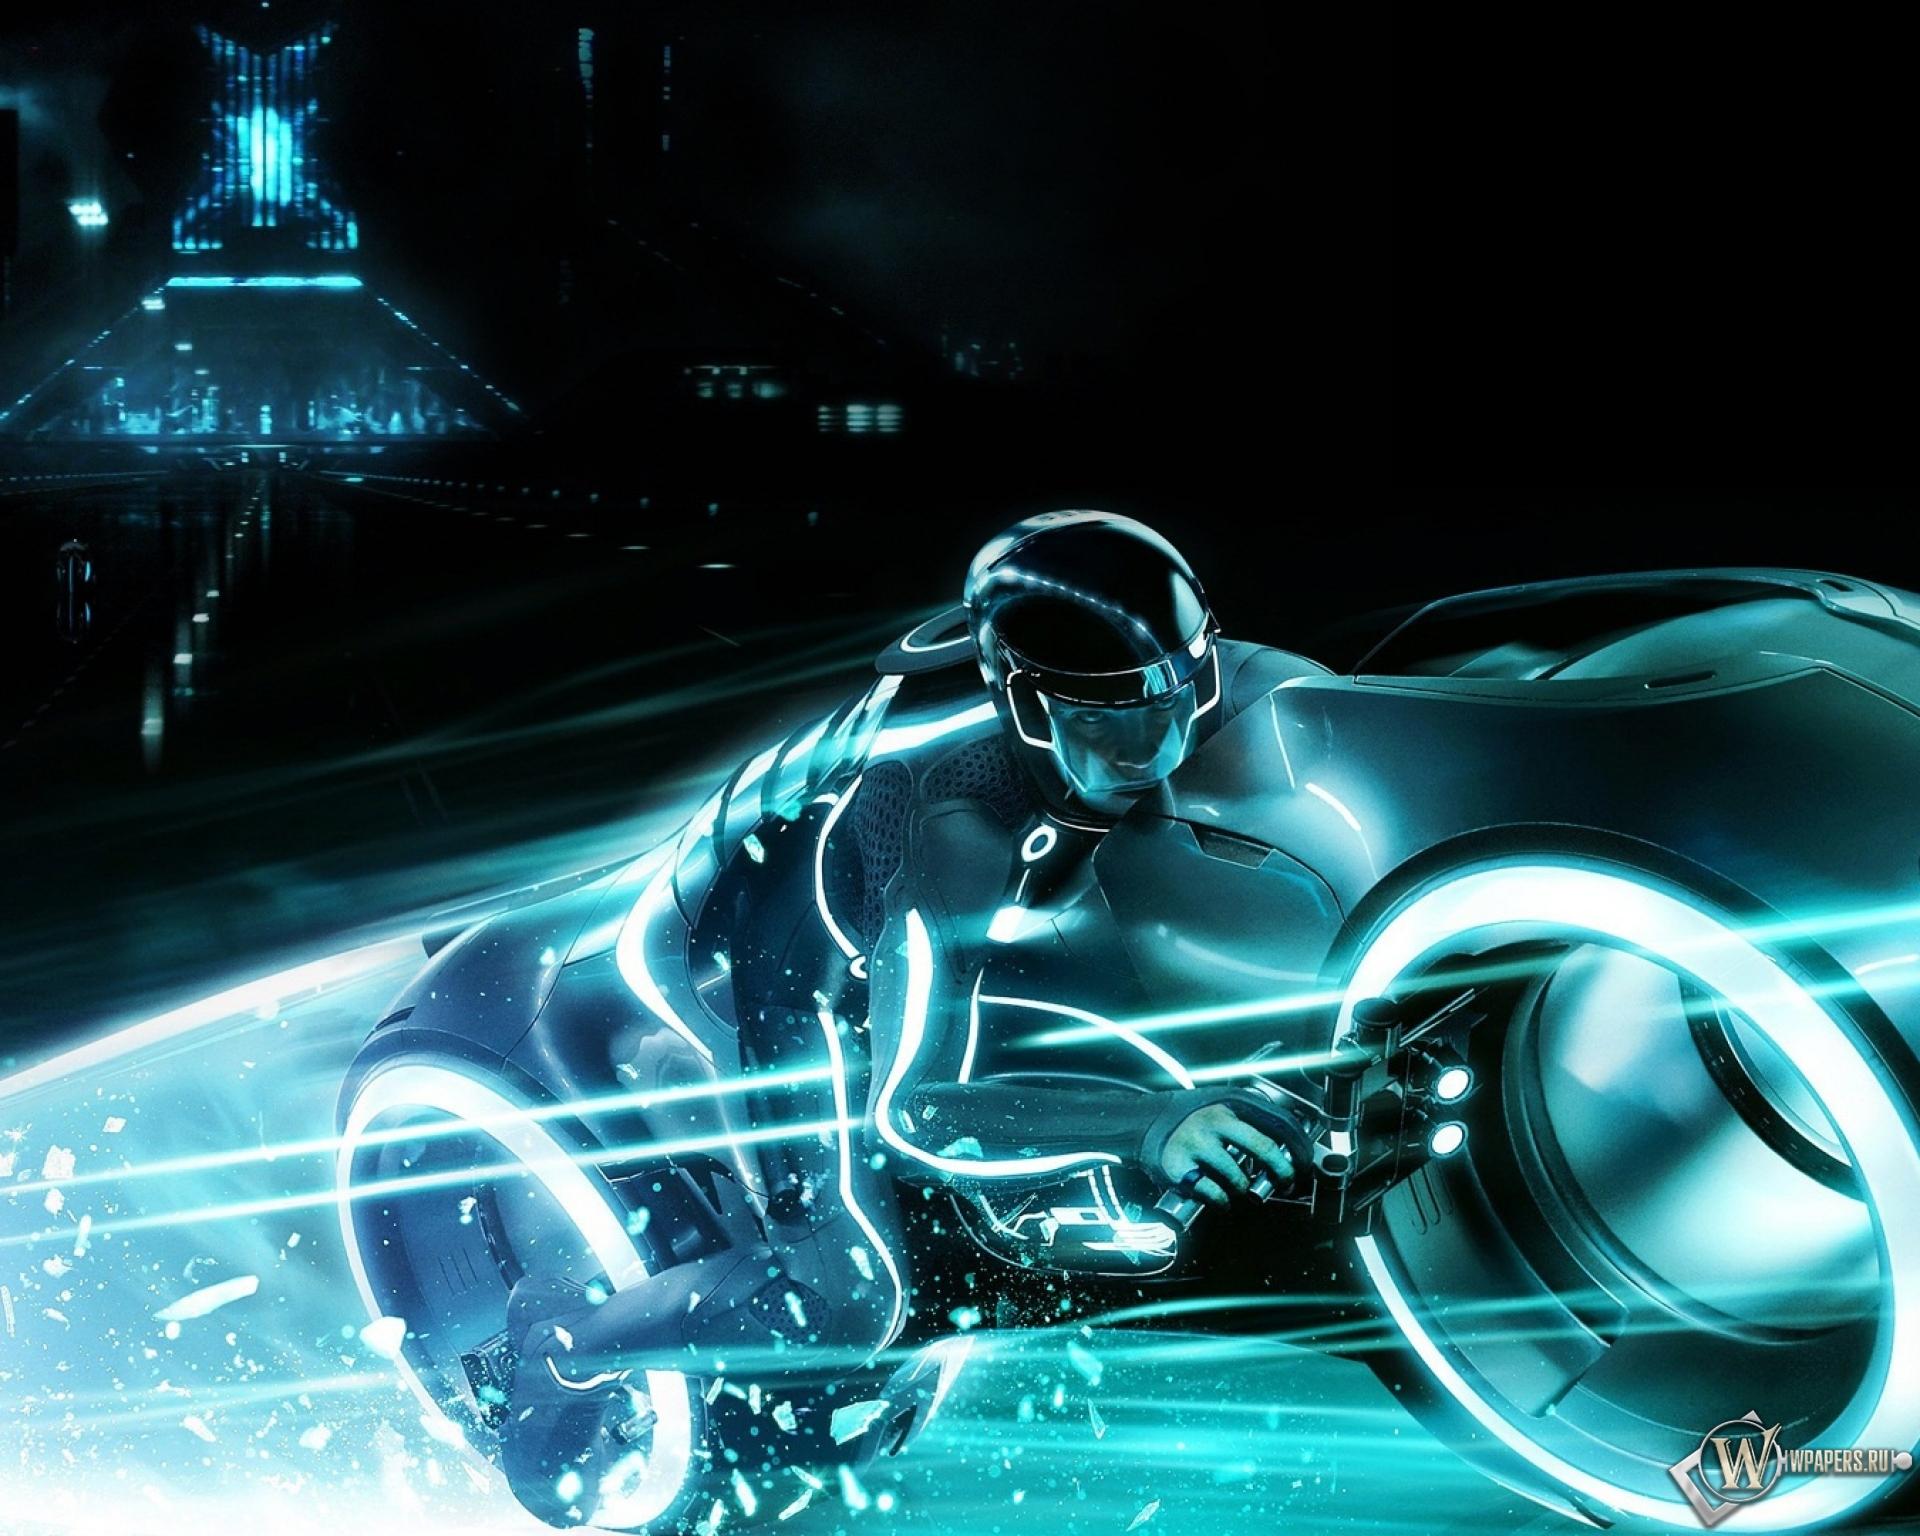 Suzuki в неоновой подсветке  № 3430502 загрузить